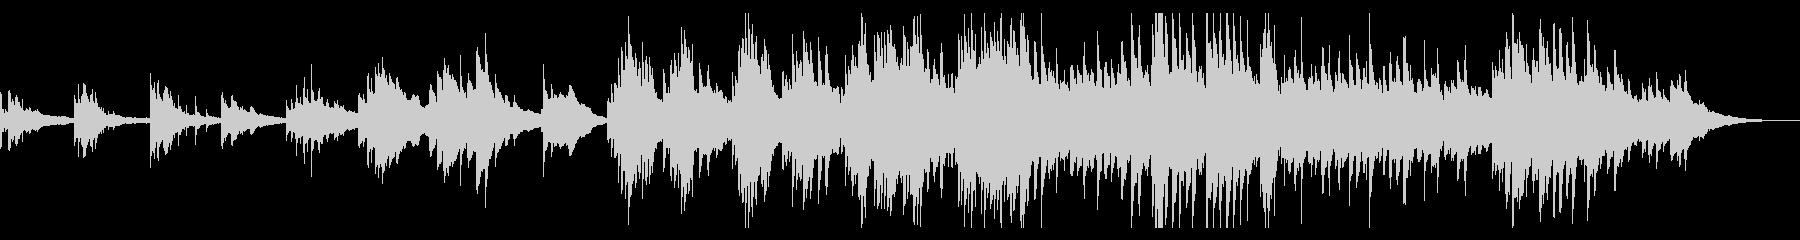 七夕がイメージのドラマティックなピアノの未再生の波形